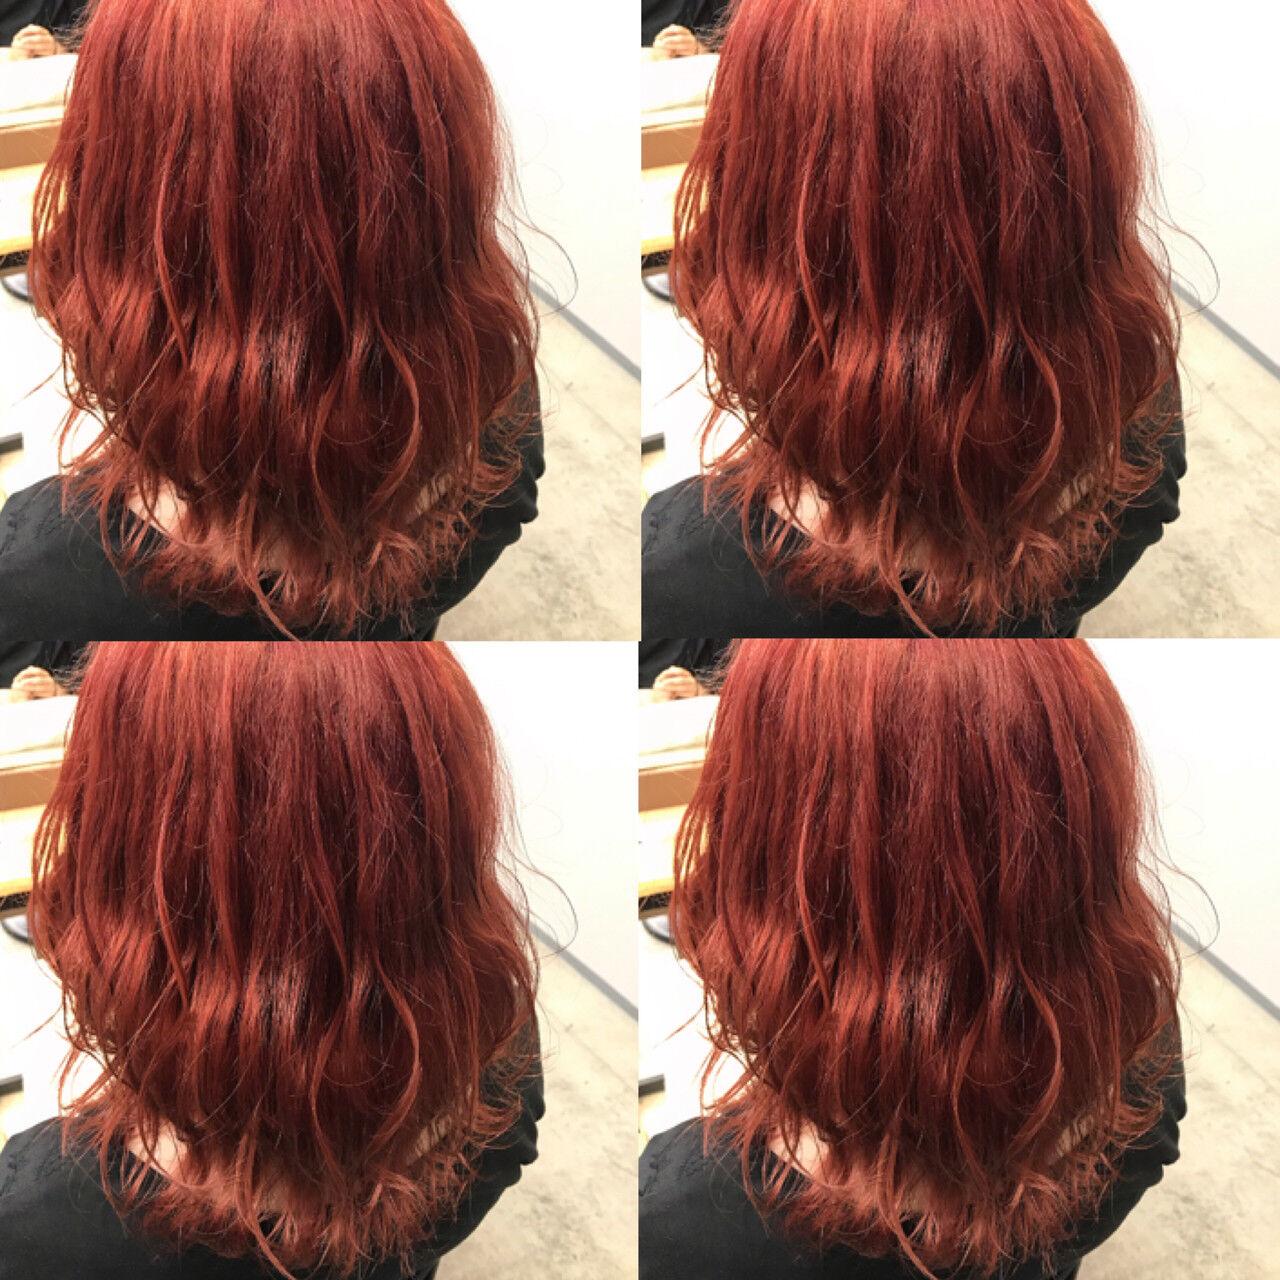 ミディアム チェリーレッド ダブルカラー ストリートヘアスタイルや髪型の写真・画像